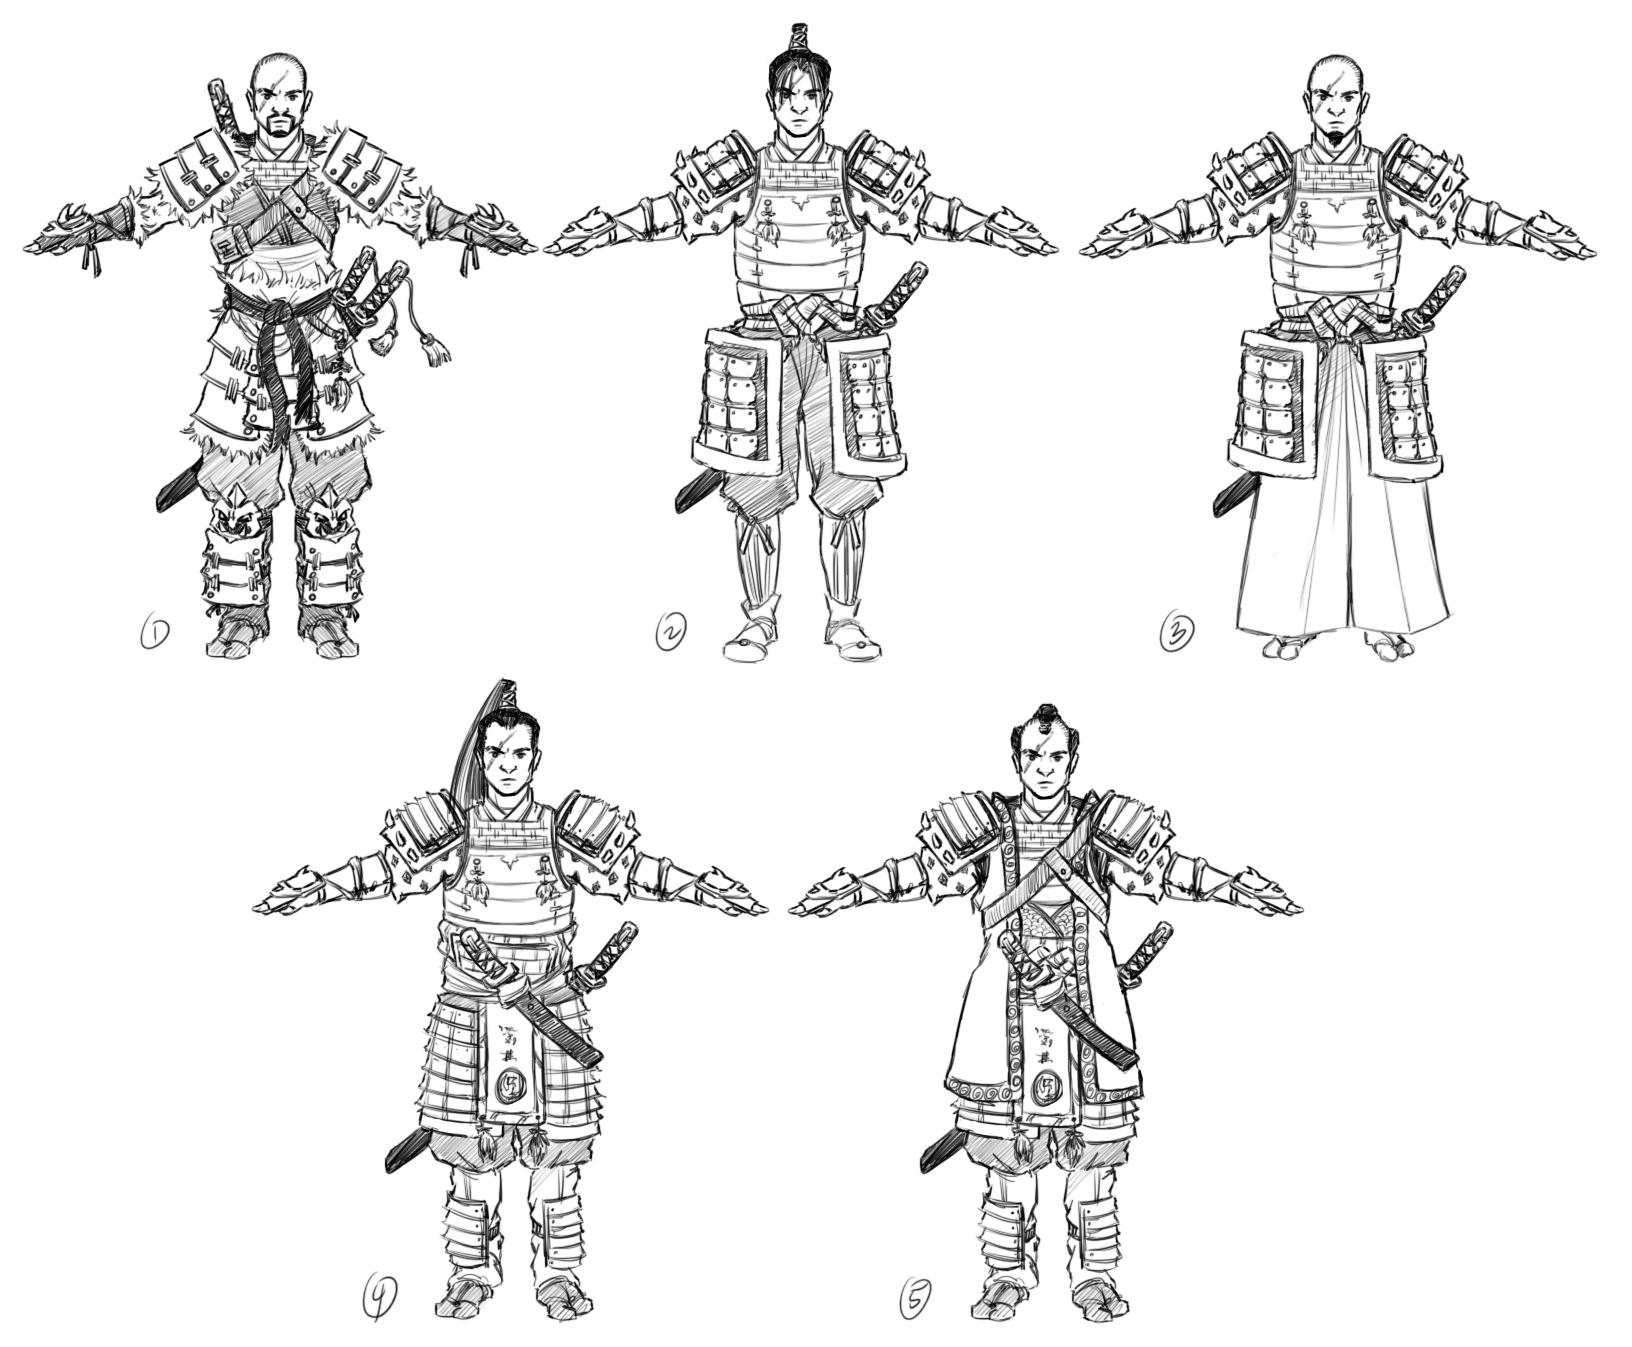 Savage Samurai Concept